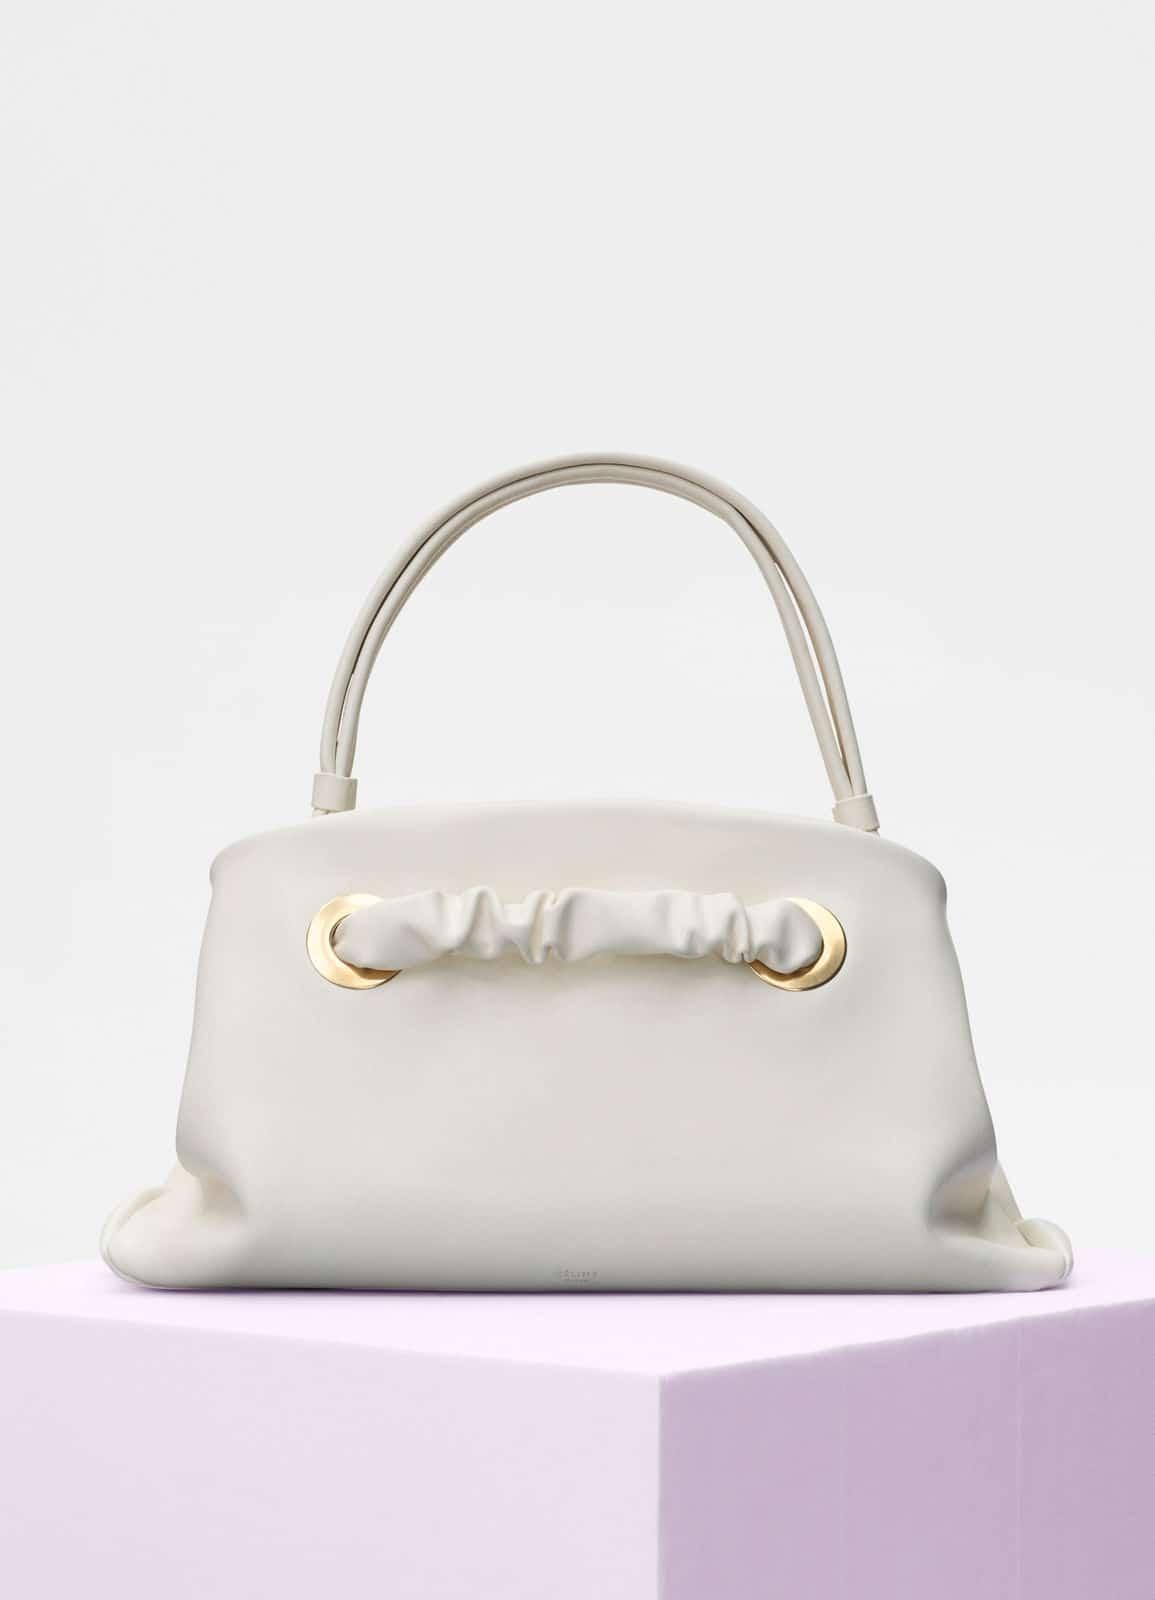 e57fc7d07899 Celine Summer 2018 Bag Collection Features The Purse Bag